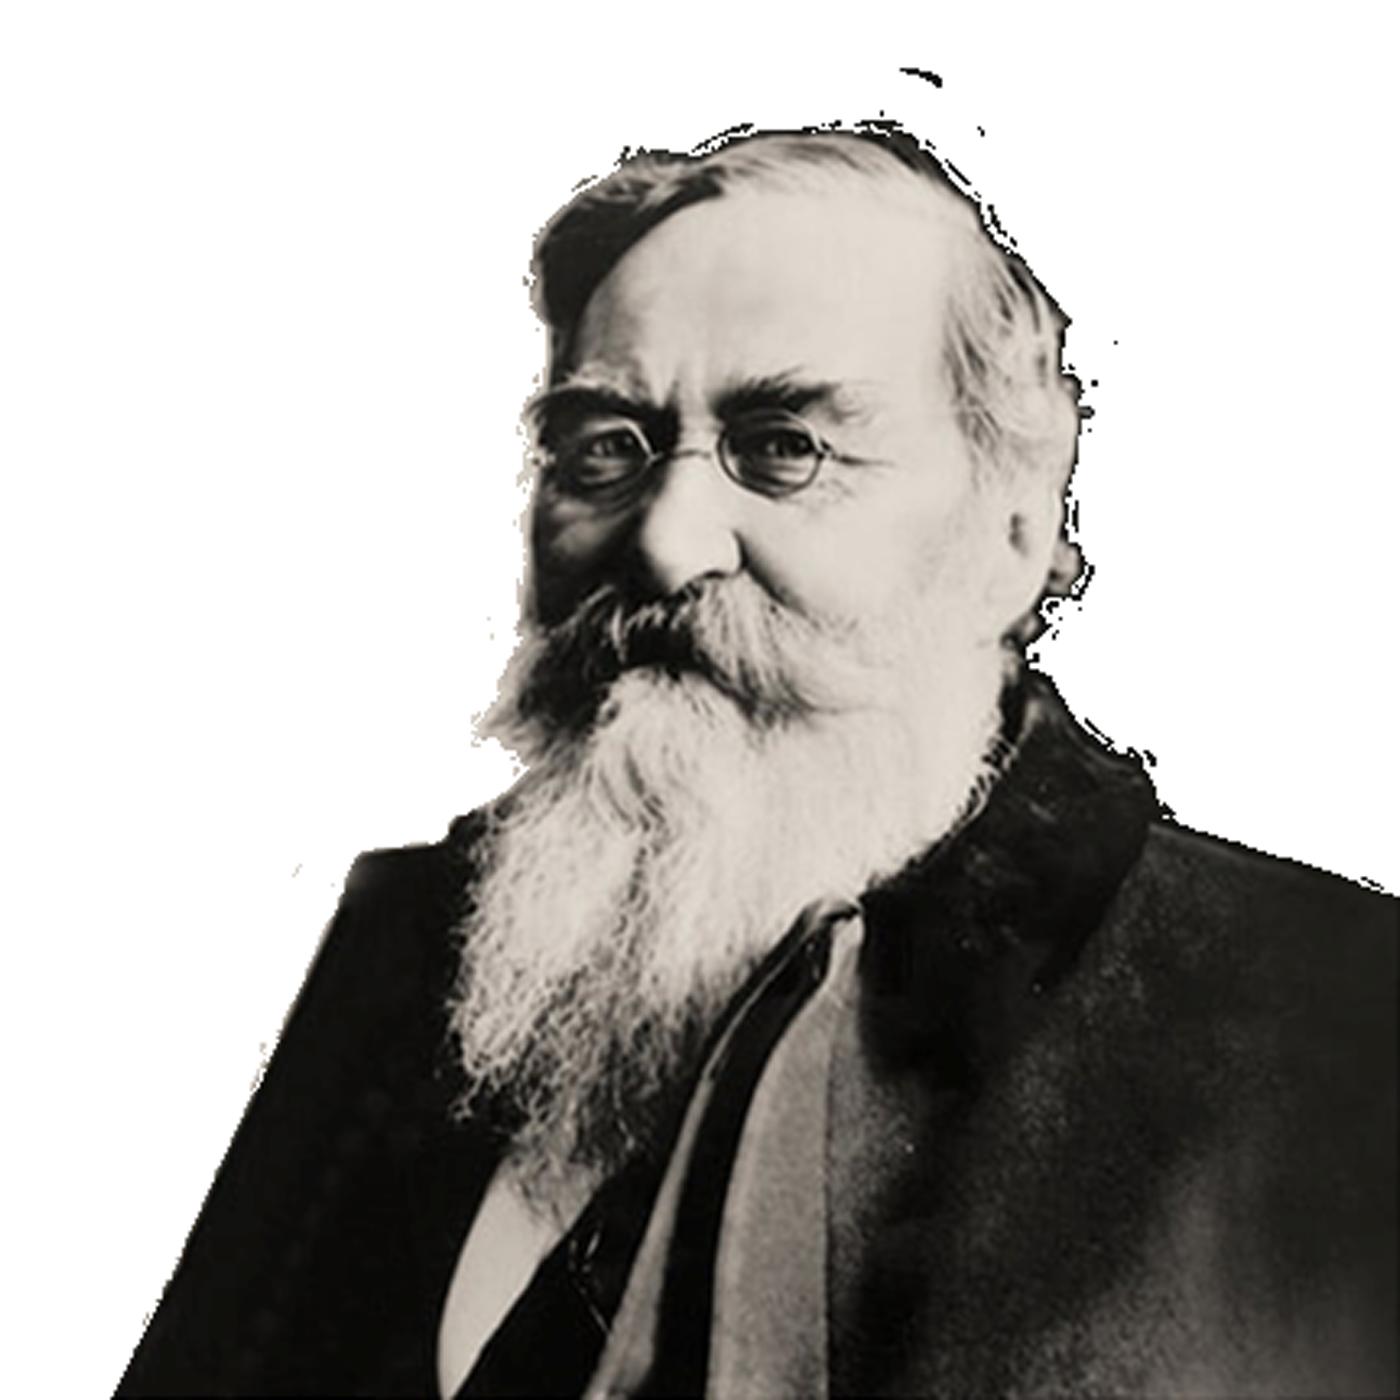 Portrait of Carl Pioneer